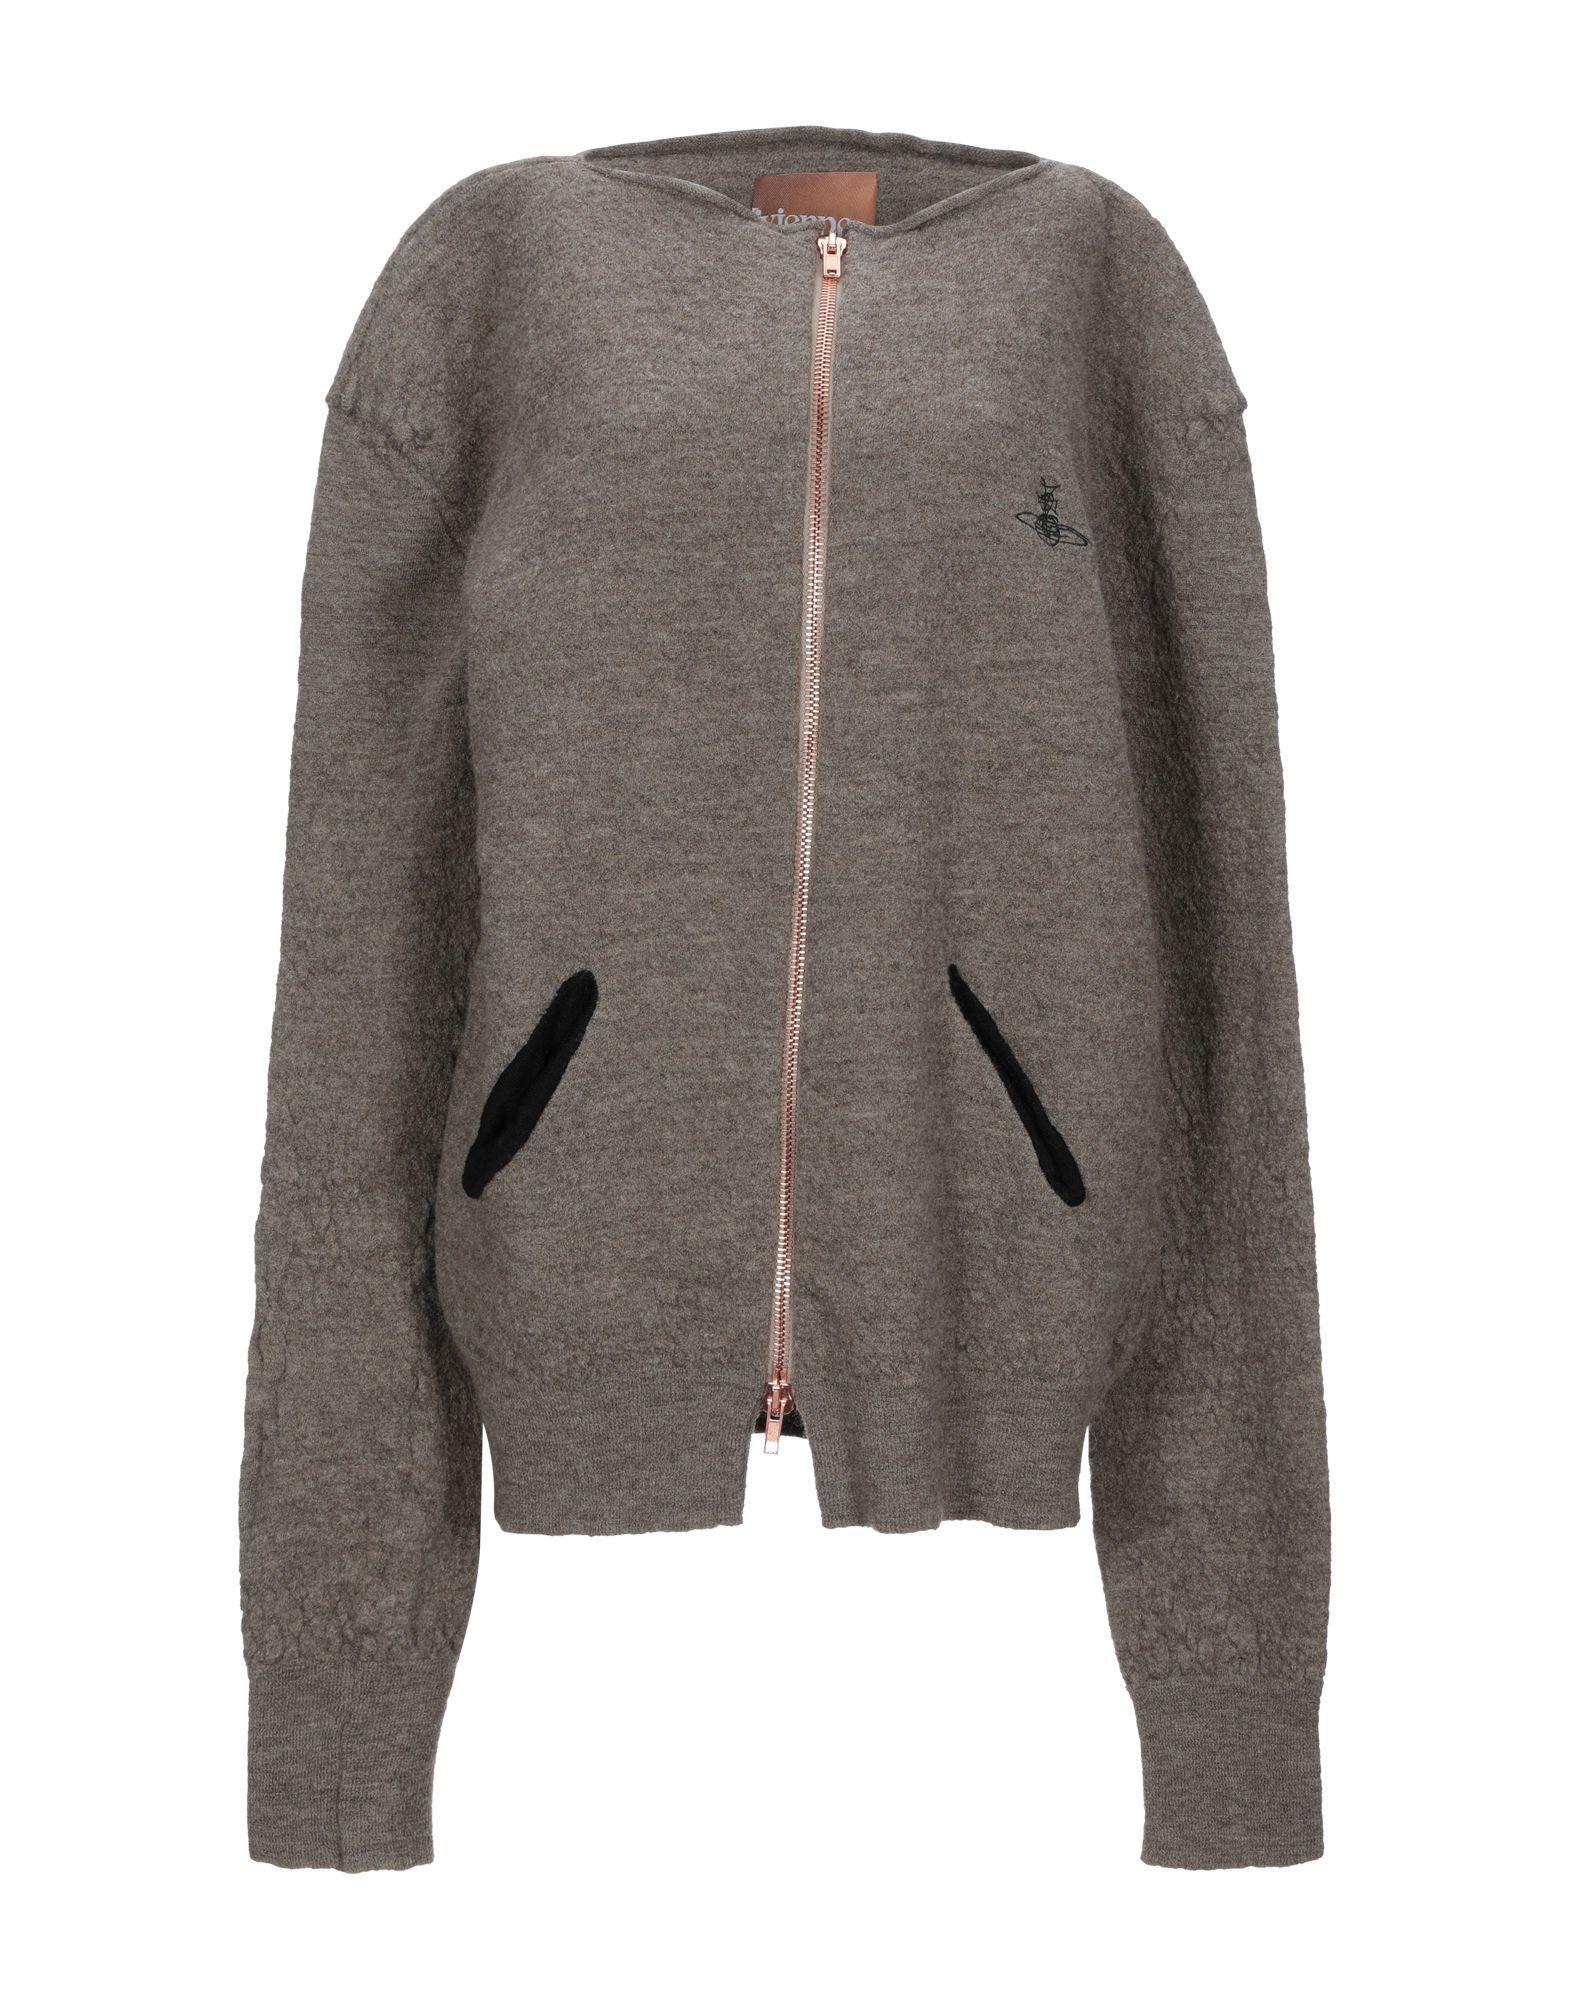 Vivienne Westwood Khaki Virgin Wool Jacket